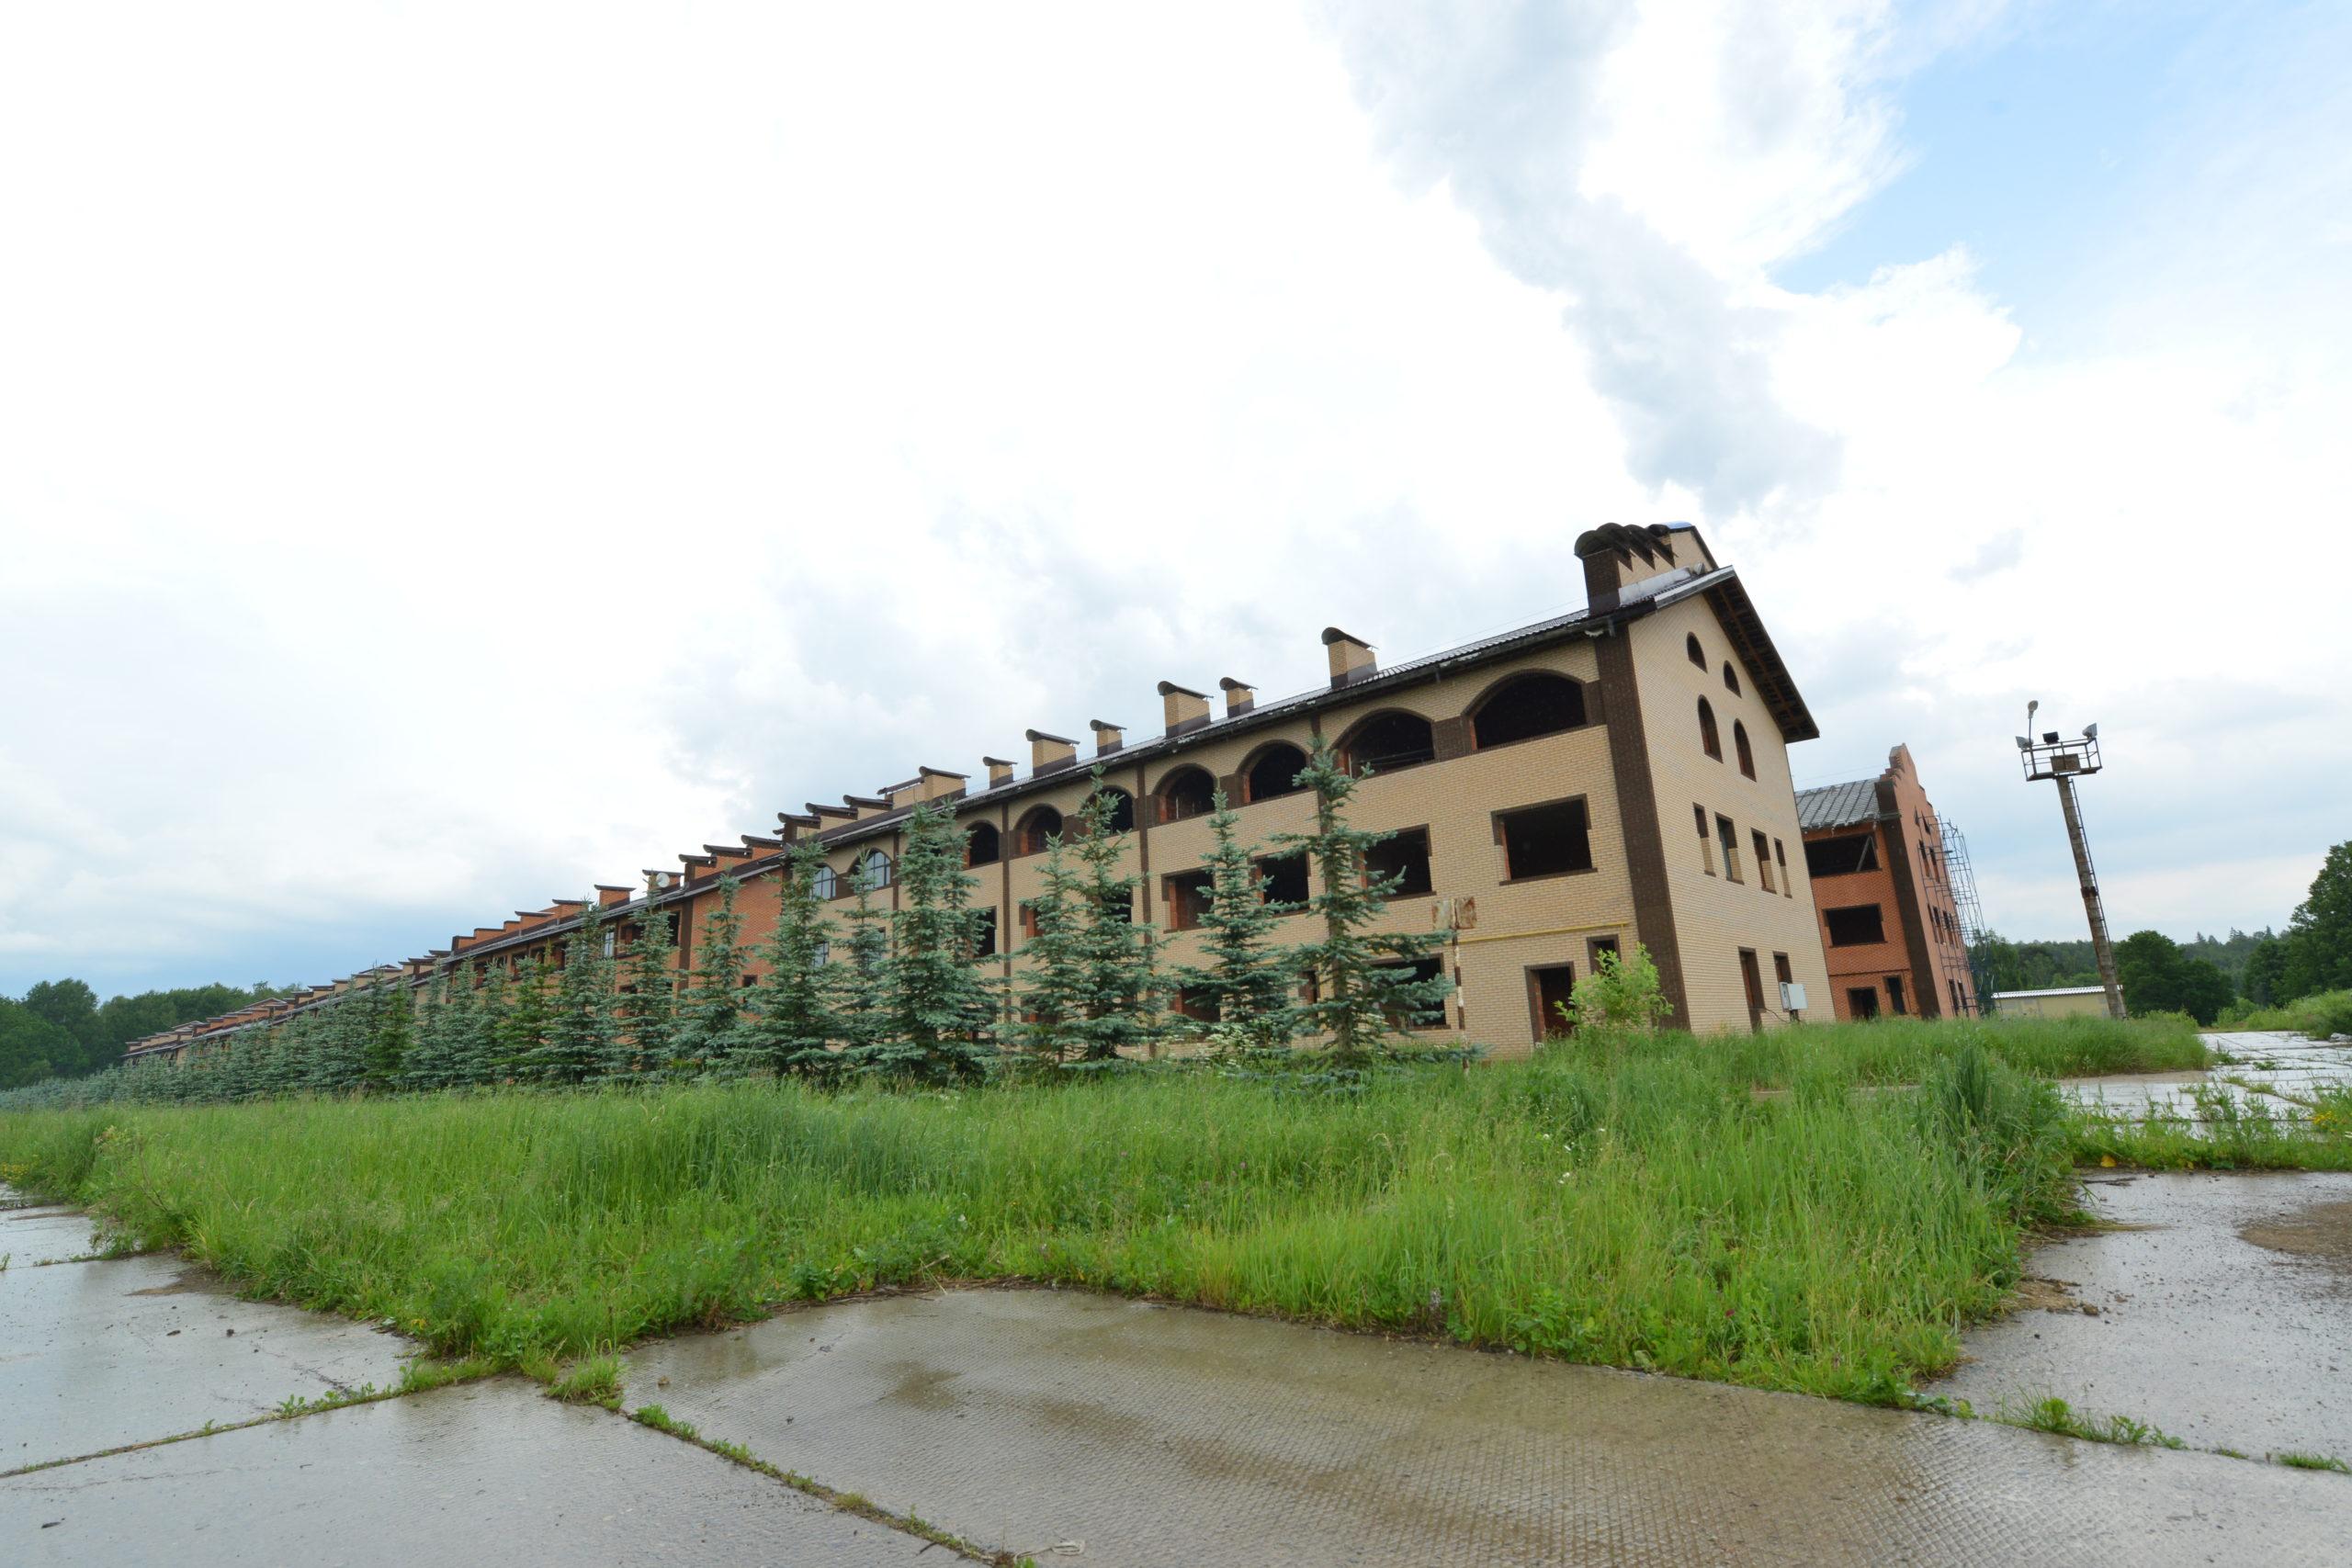 Фотоотчет со строительной площадки июнь 2020 г.